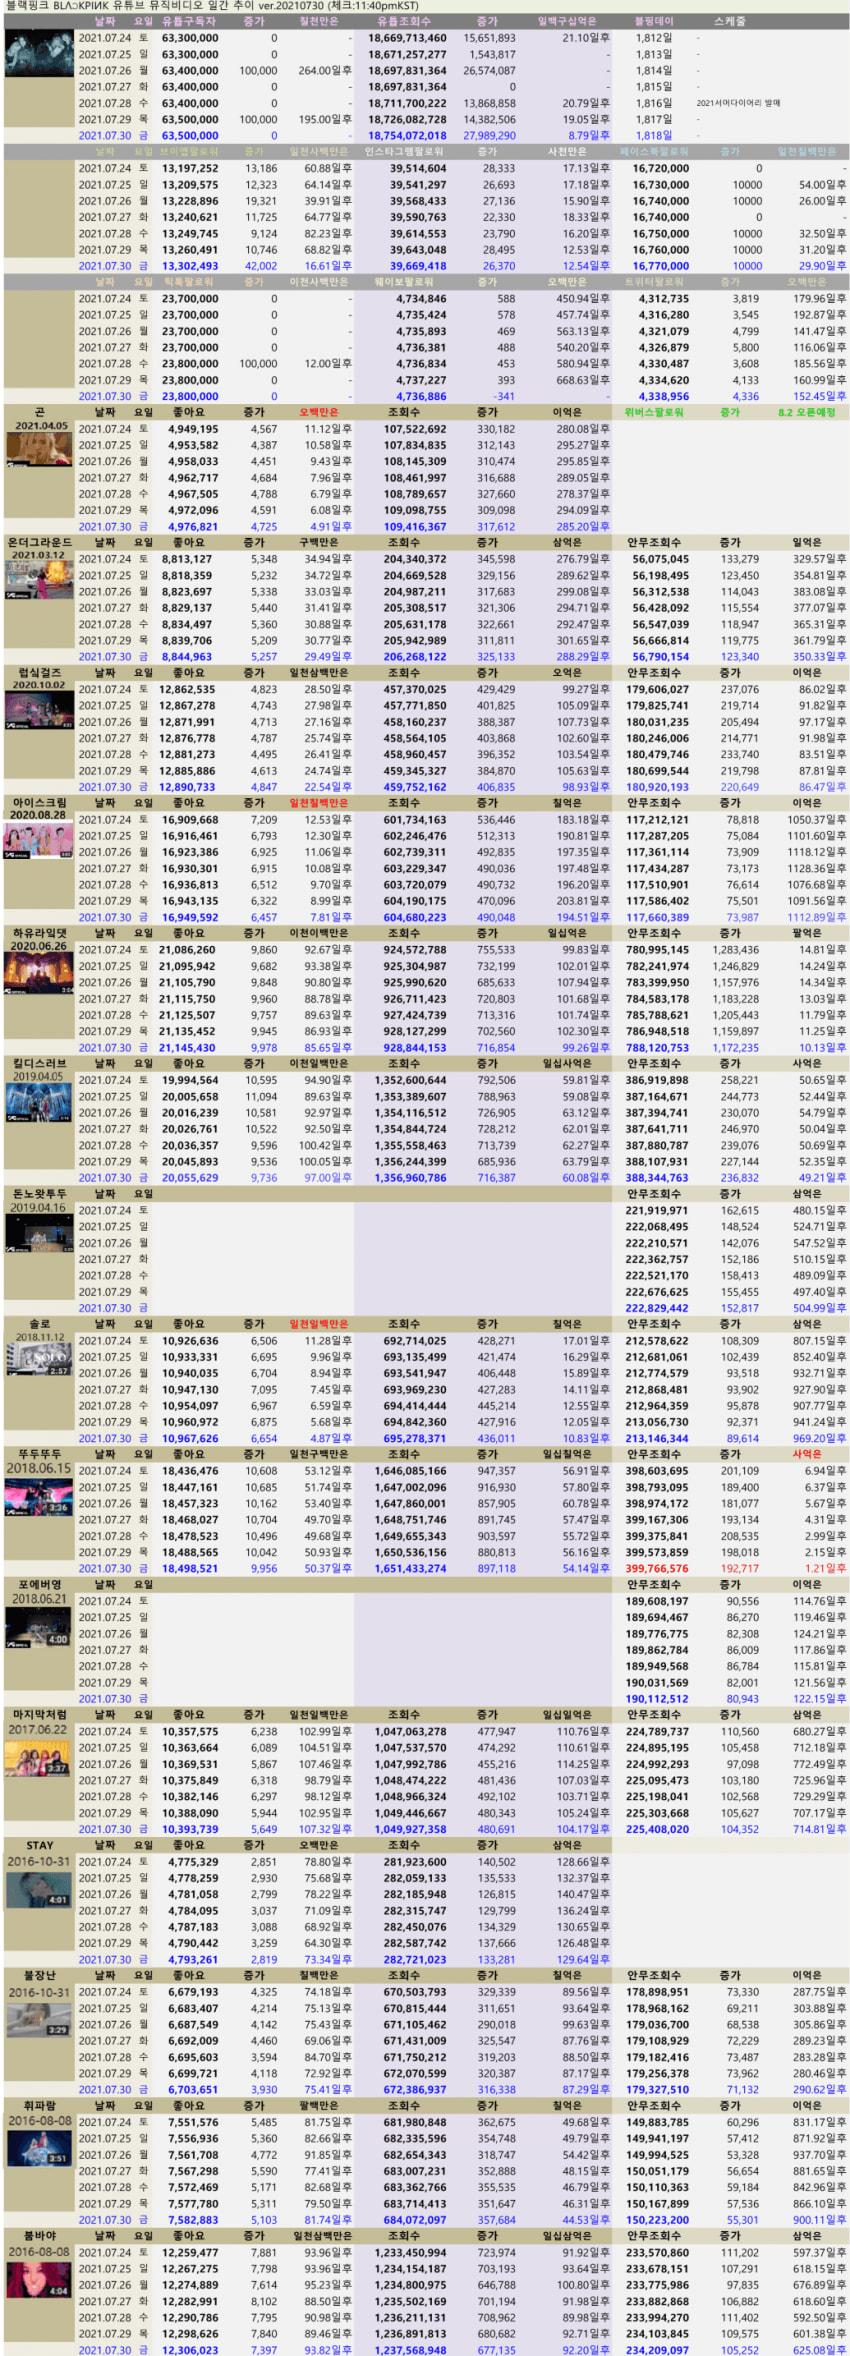 viewimage.php?id=2fb1d125eec231a865&no=24b0d769e1d32ca73feb86fa11d02831b7cca0f2855e21730c724febbf0e6d518c48dc880c961d5a93cc1bd0e4419440a57b54f82921d434d3a5b4272924045791d56b64